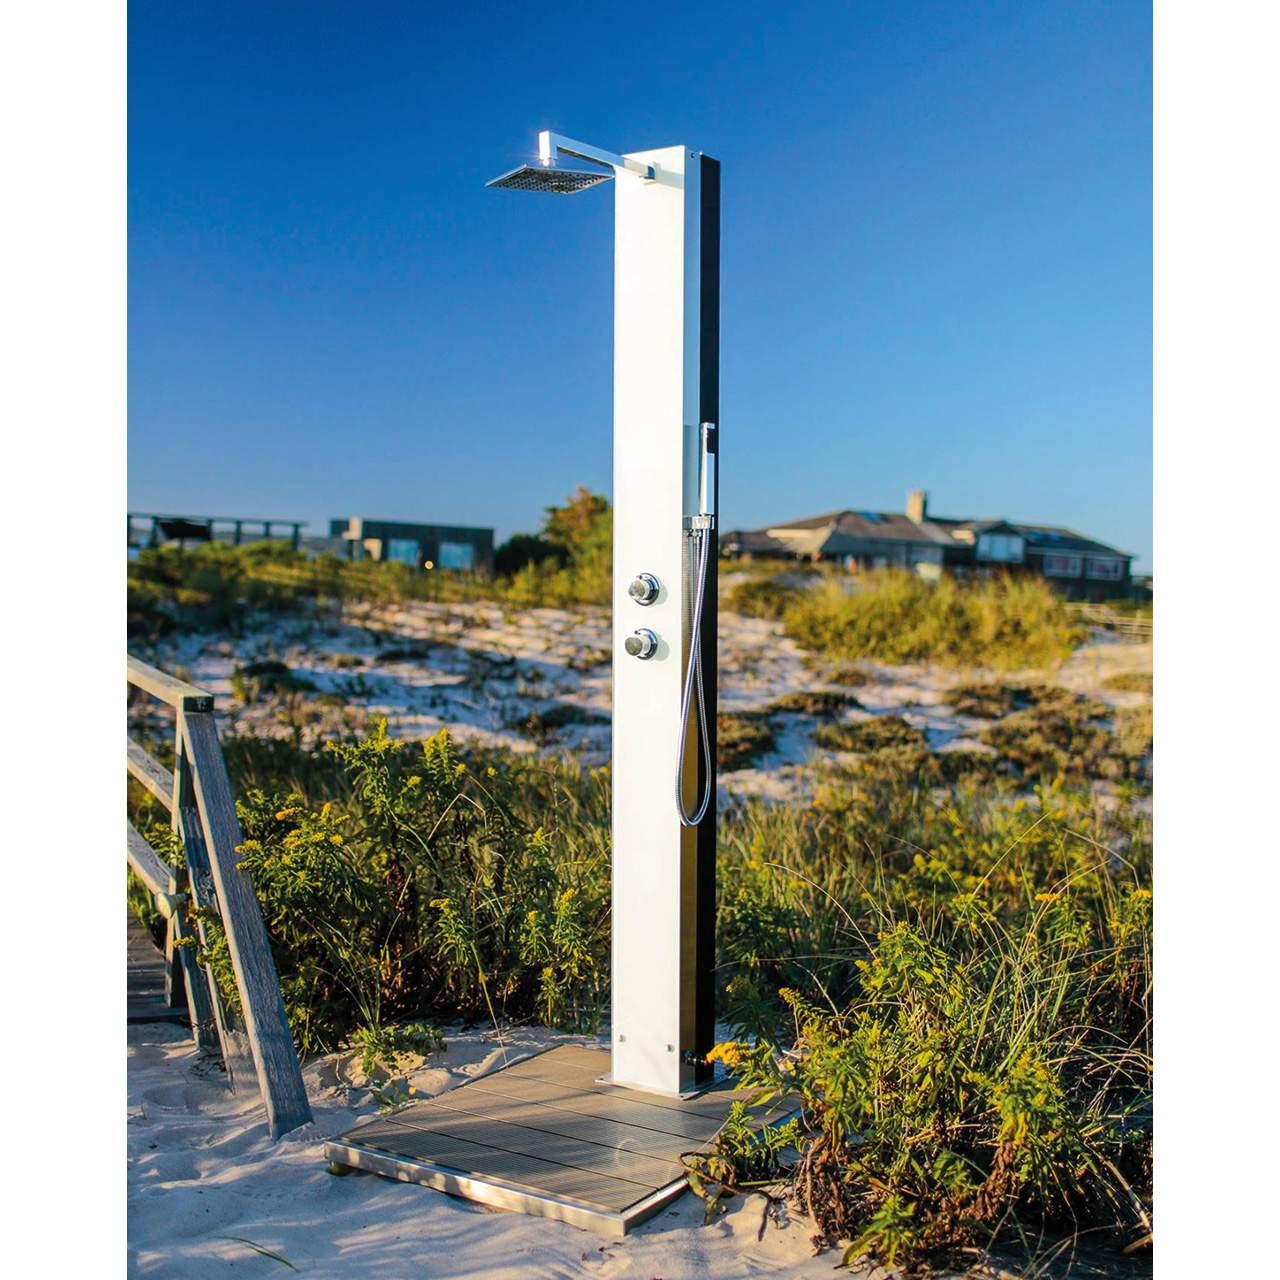 dusche modell 70 glas solar tobago weiss